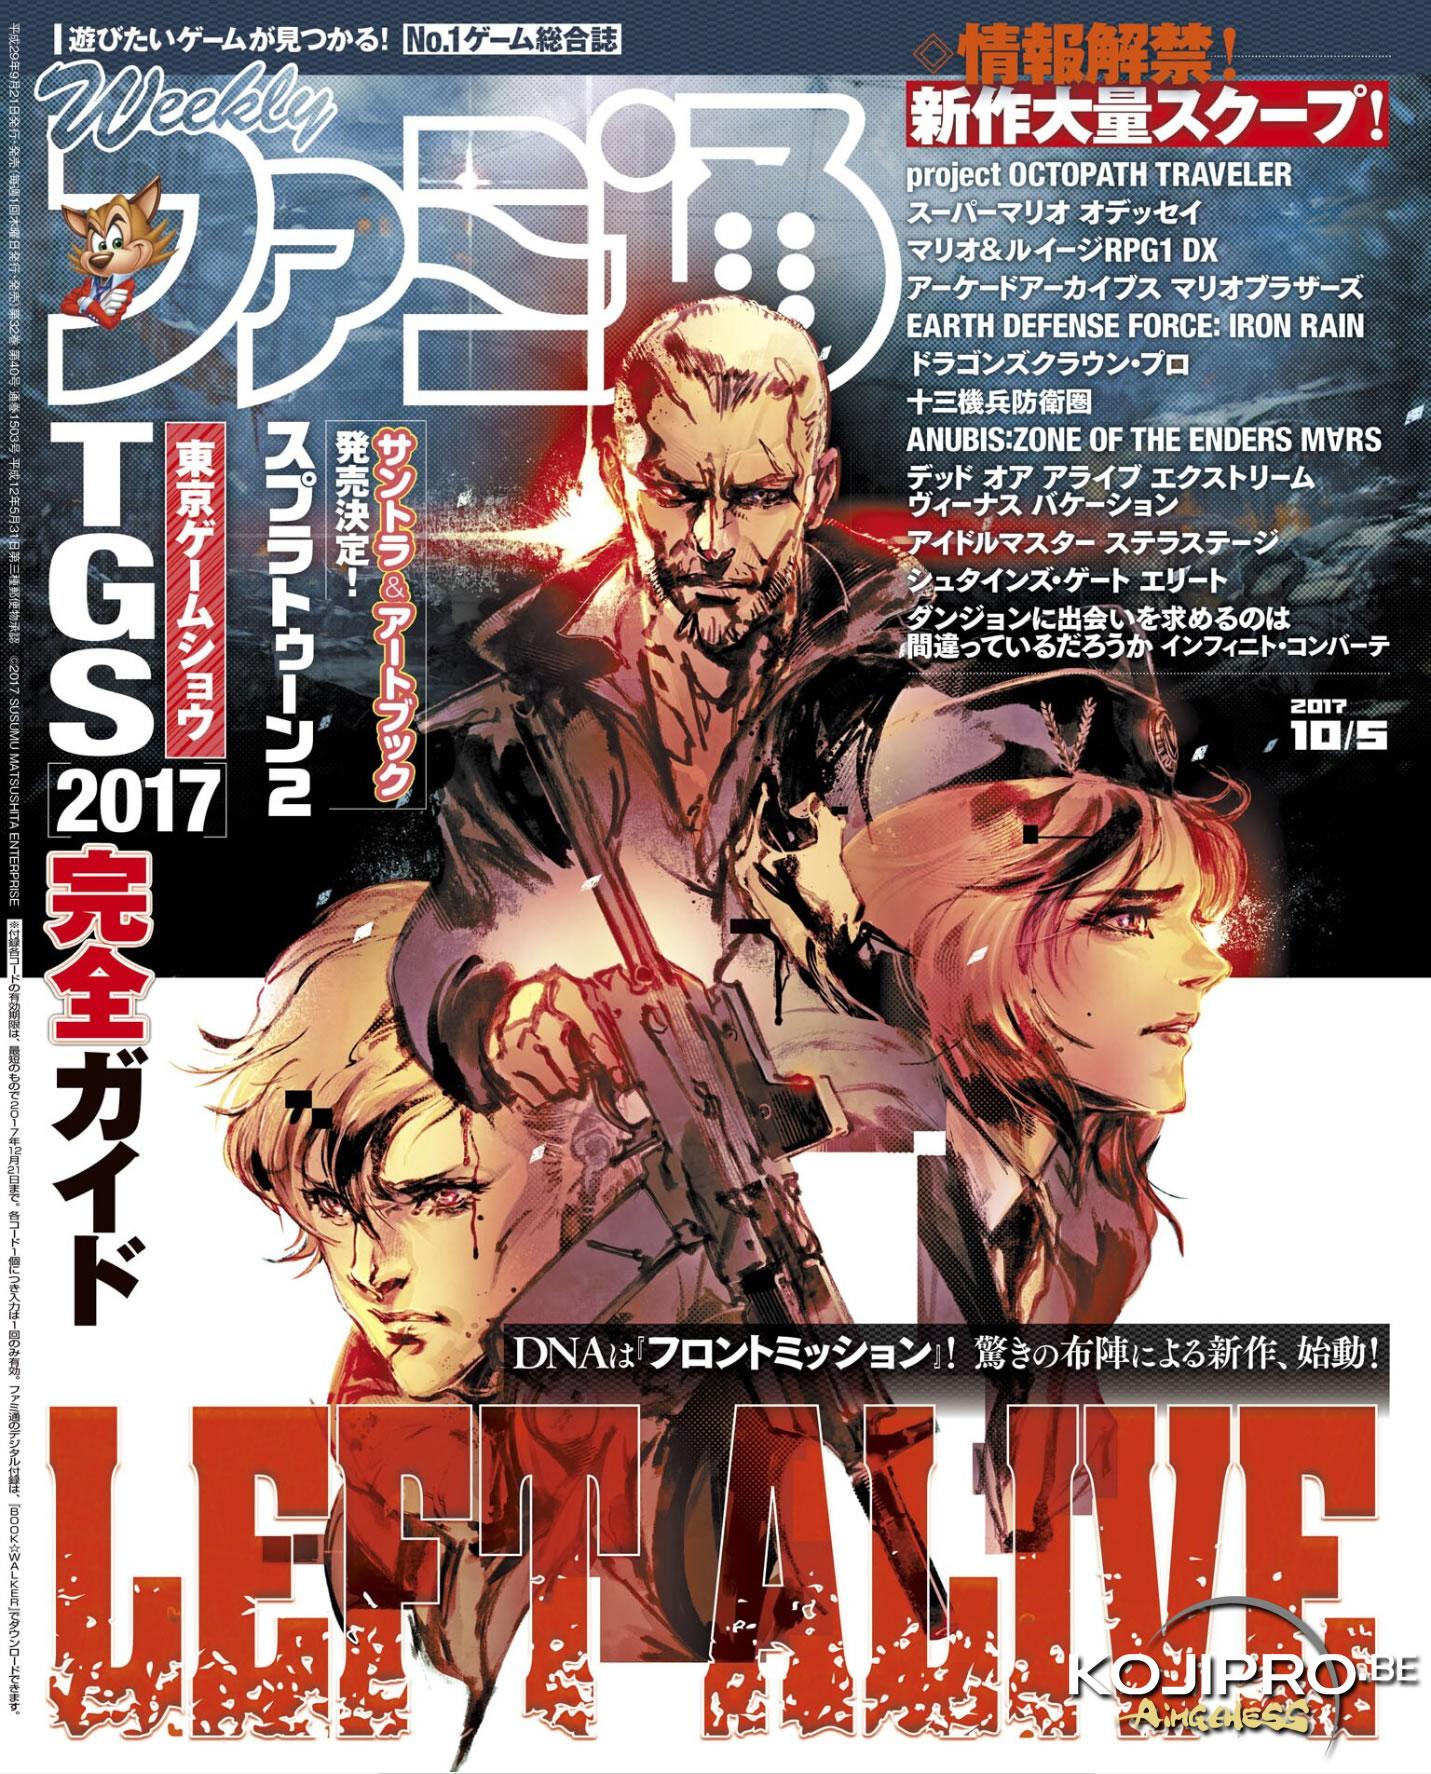 Couverture du Weekly Famitsu du 5 octobre 2017 (publication le 21 septembre 2017)